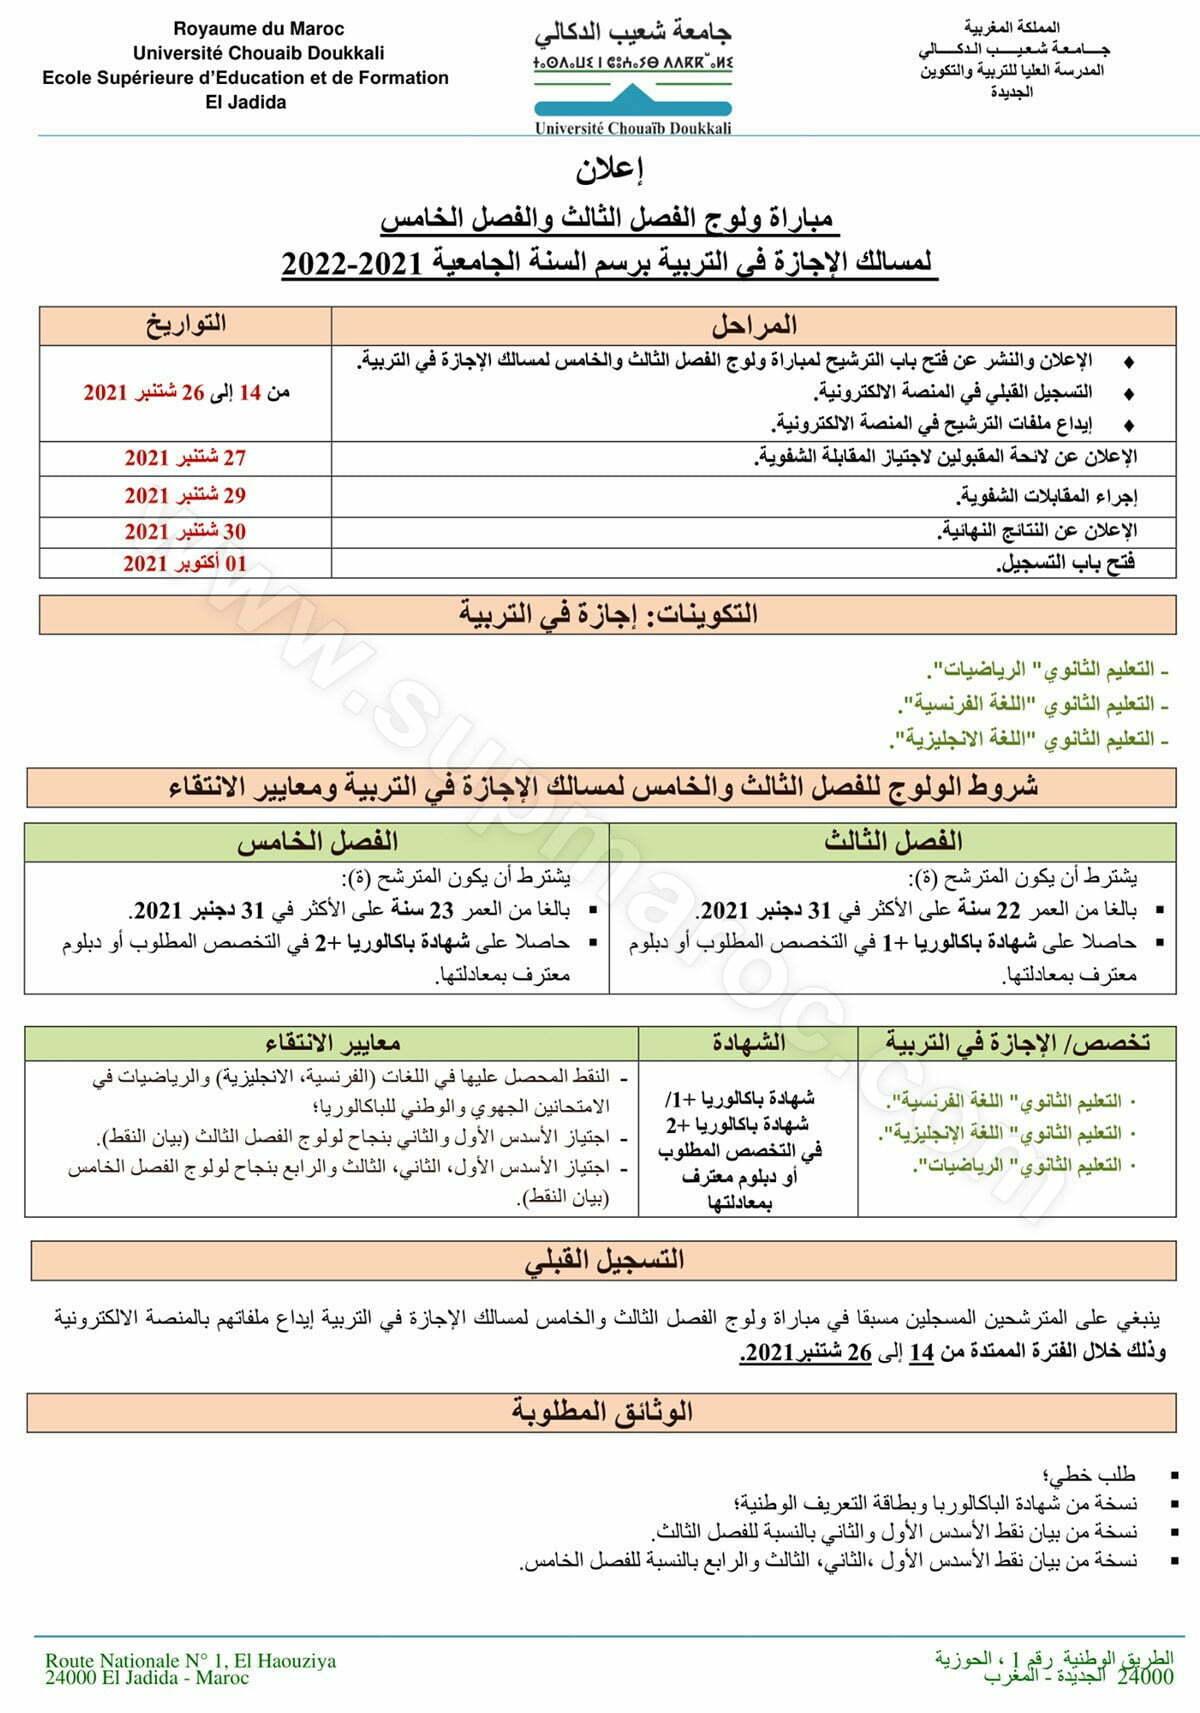 Concours ESEF El Jadida S3 S5 2021 2022